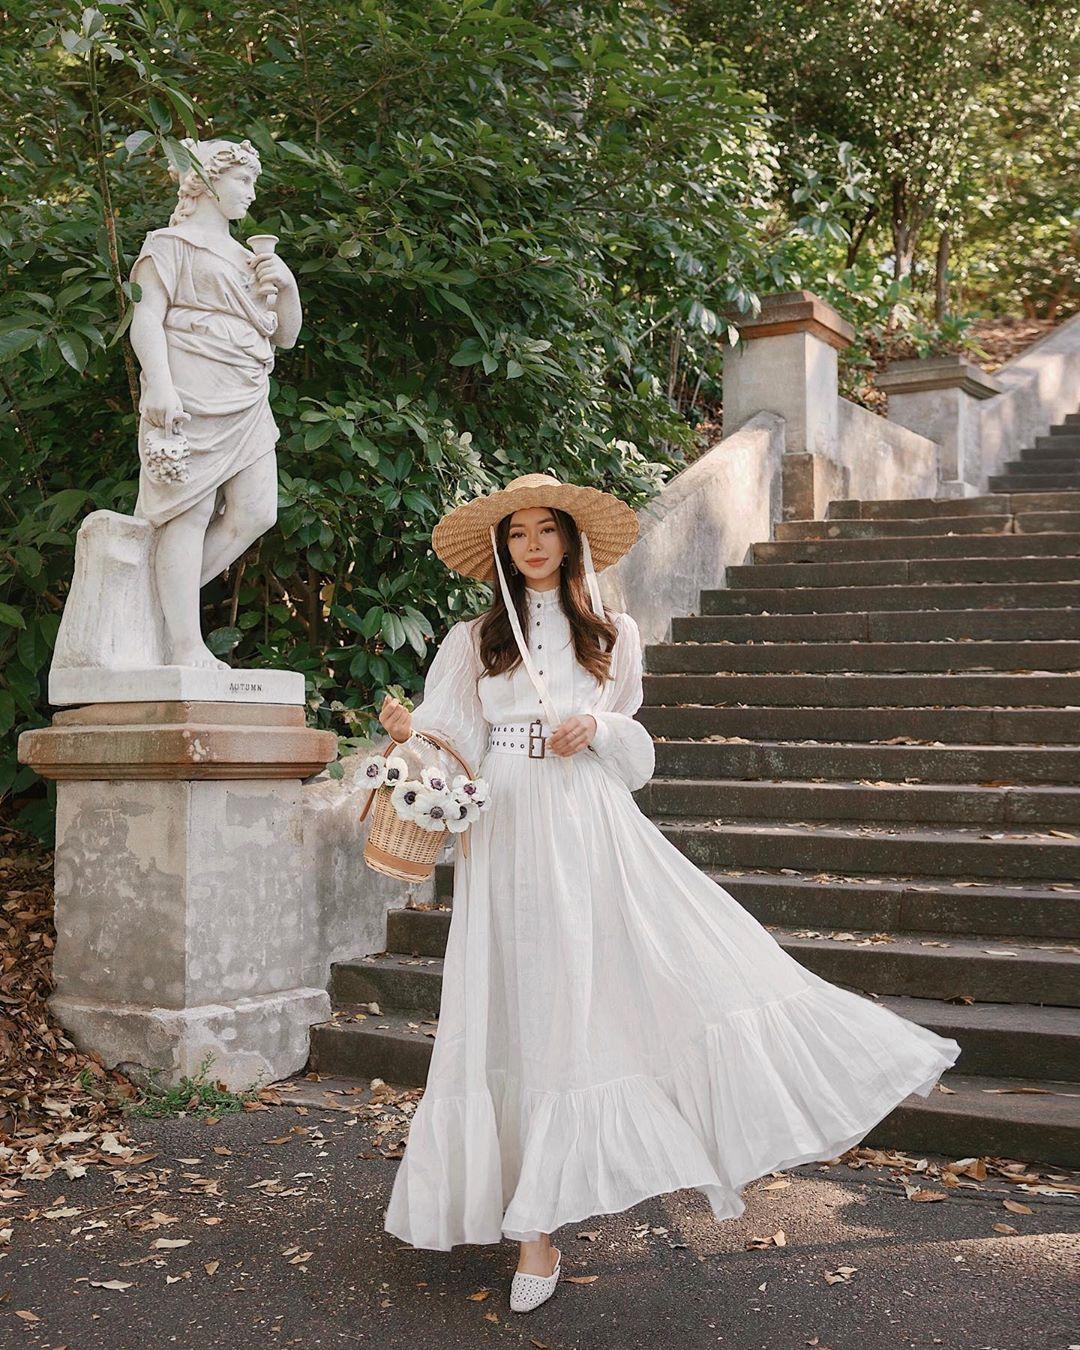 Cô gái mặc váy dài tay phồng màu trắng phong cách thời trang Cottagecore